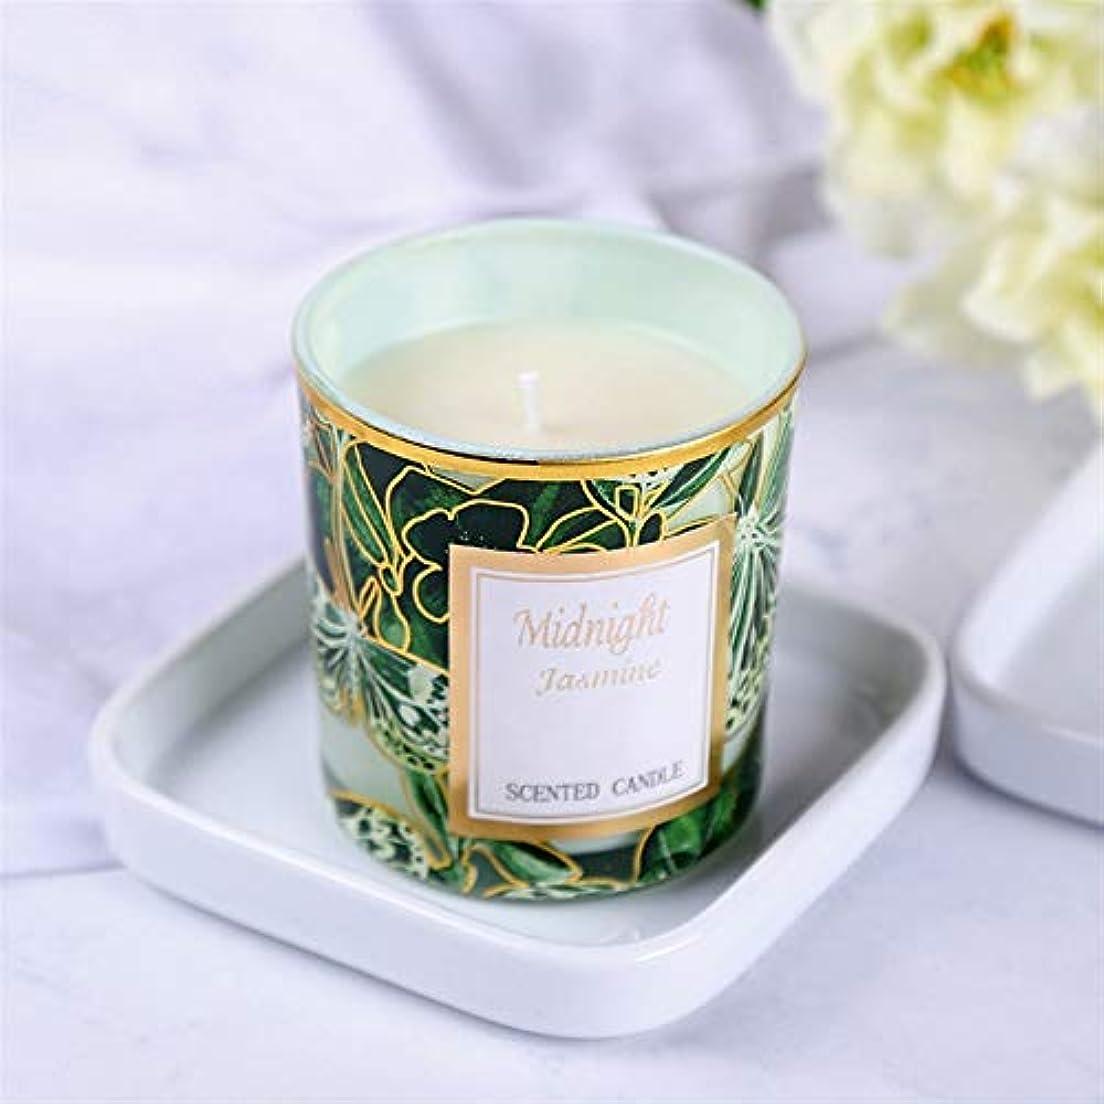 批判的に必需品できればZtian 禁煙キャンドルレストランロマンチックなカップルの家の香りのキャンドルカップ (色 : Shangri-La)